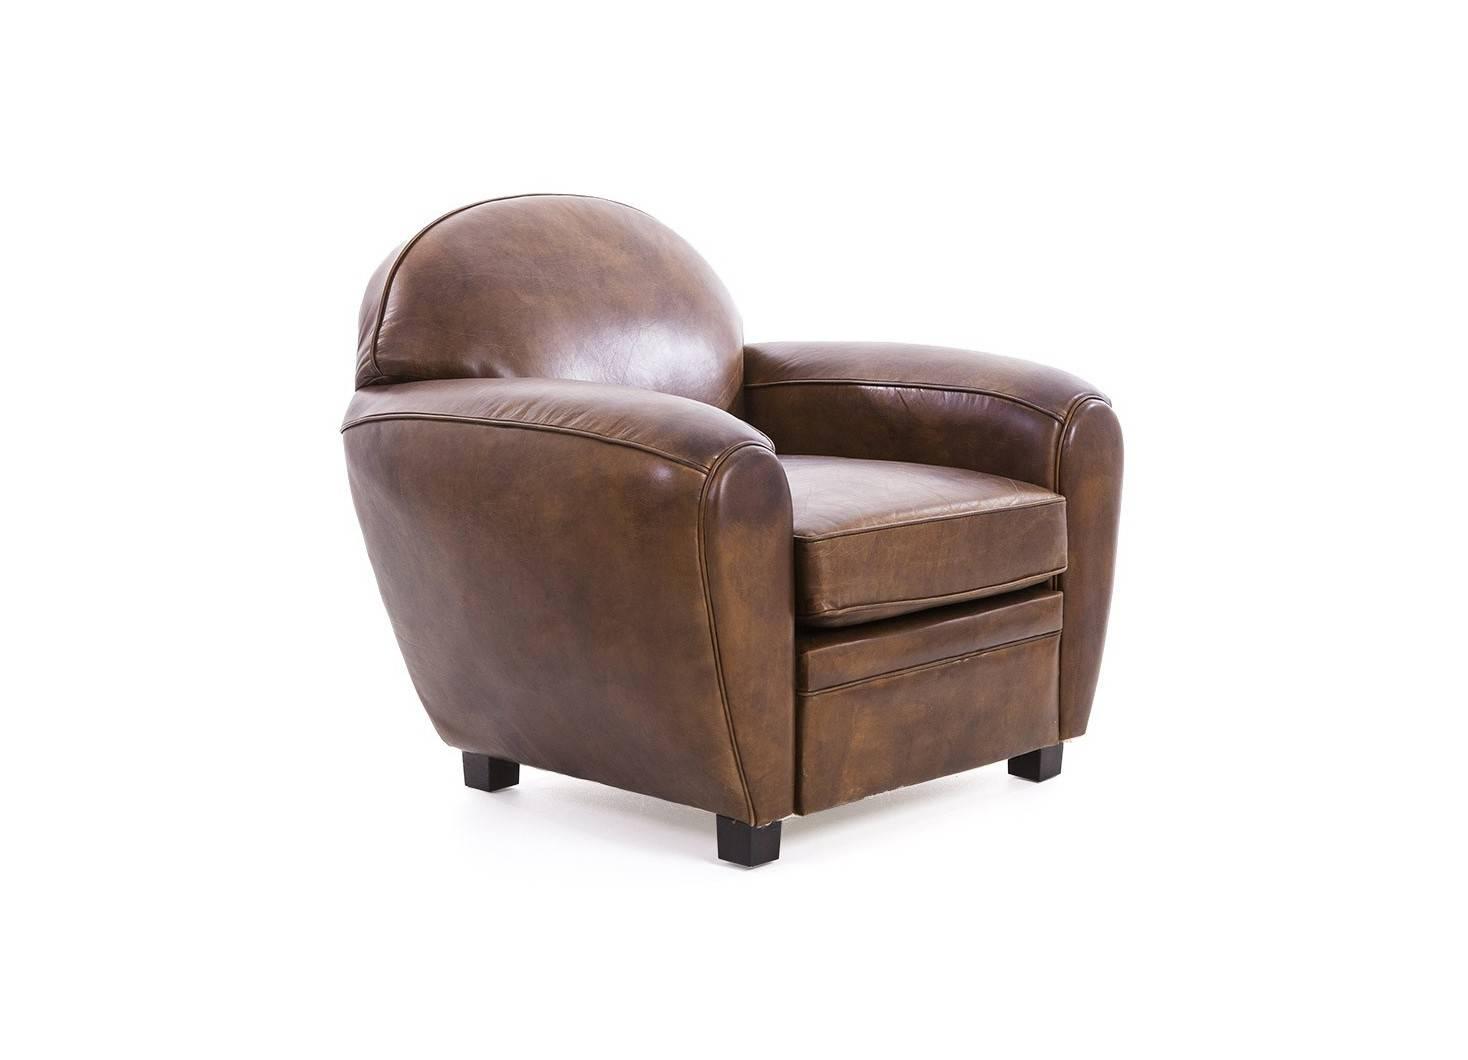 fauteuil club rond cuir marron structure et pi tement en bois. Black Bedroom Furniture Sets. Home Design Ideas